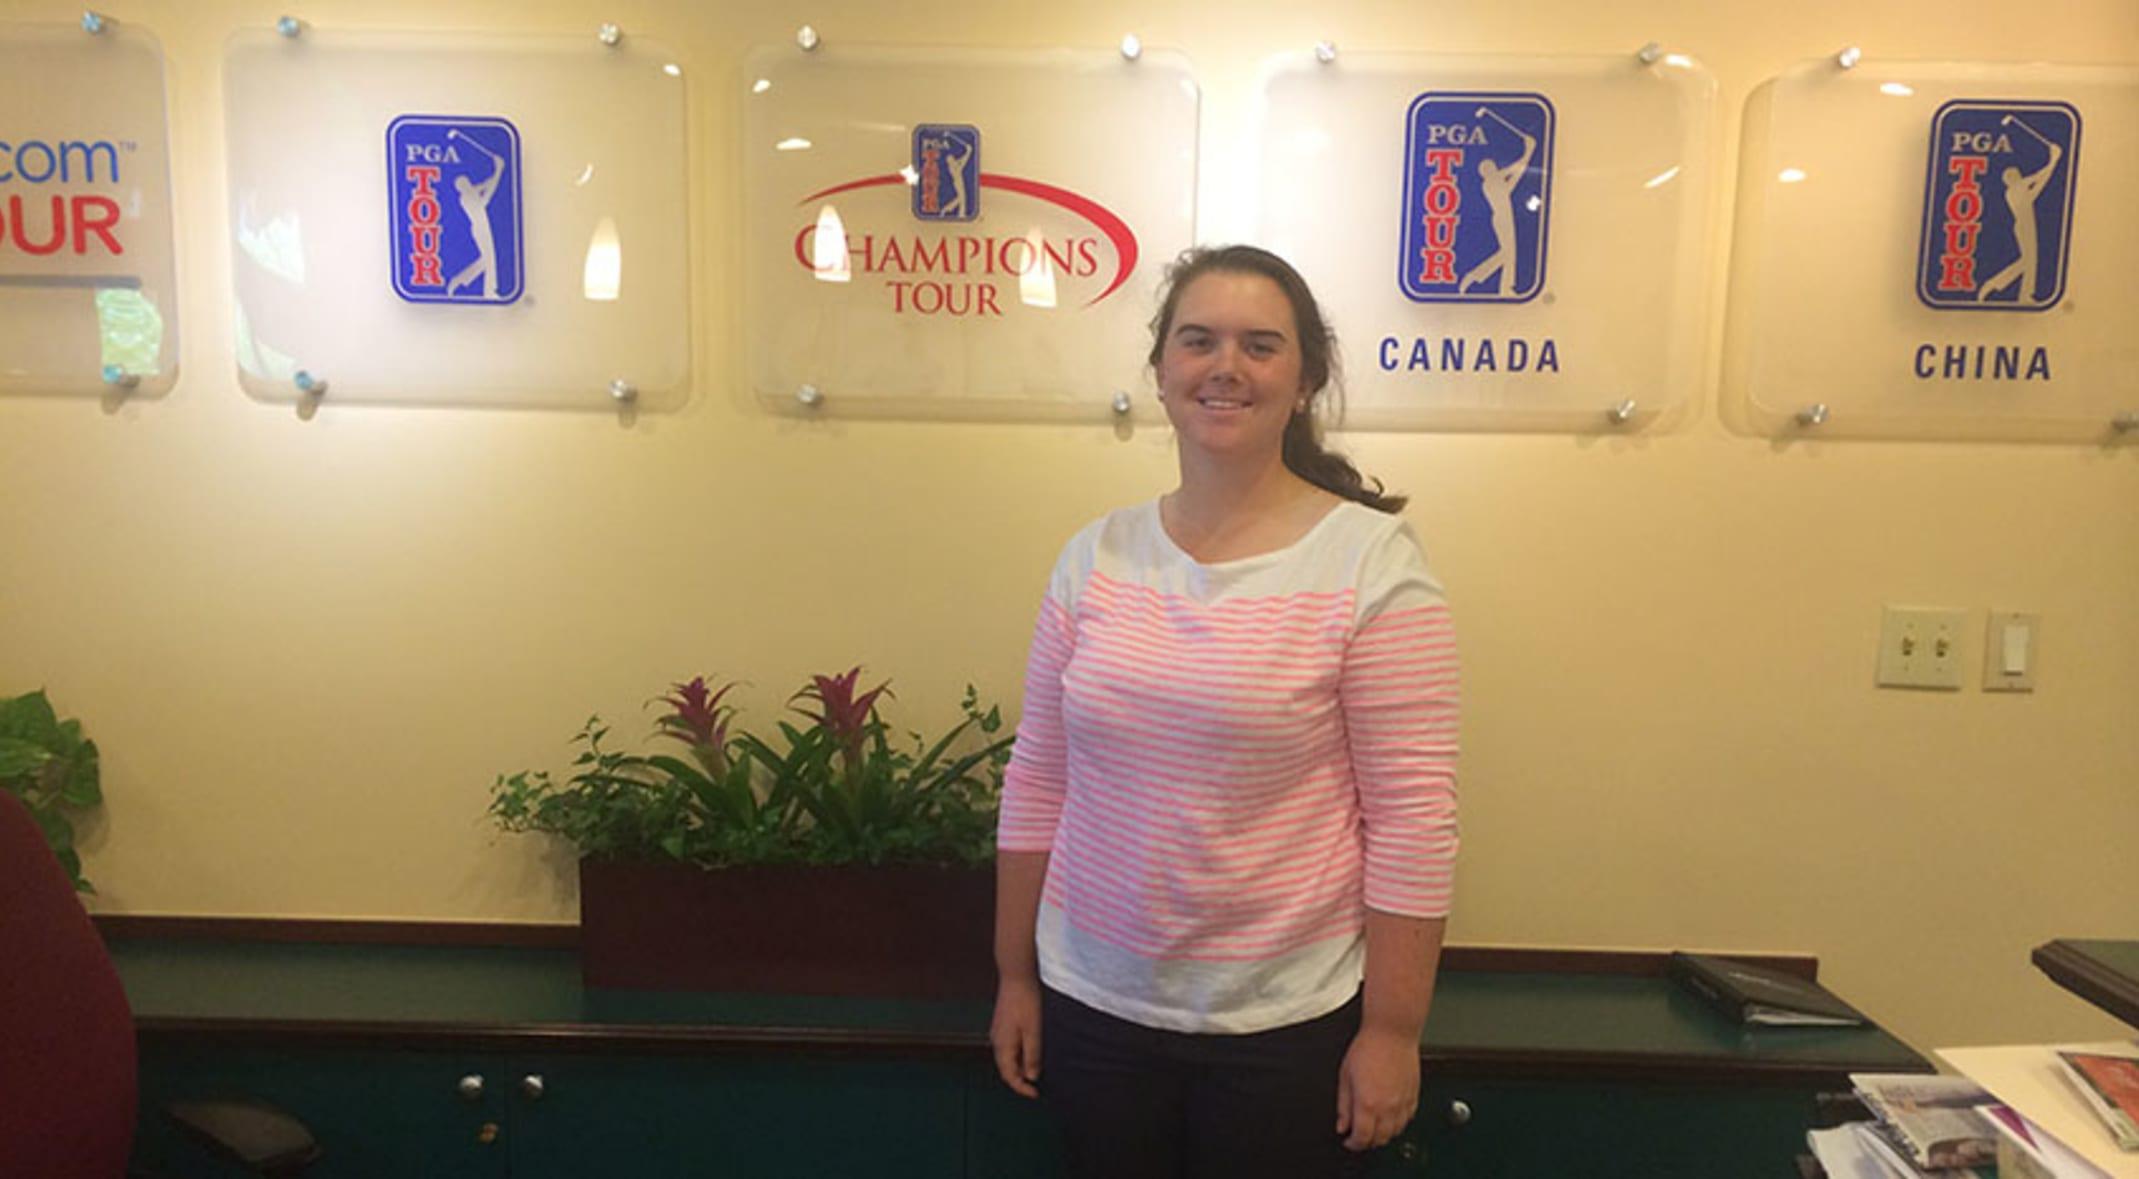 My summer as a PGA TOUR intern